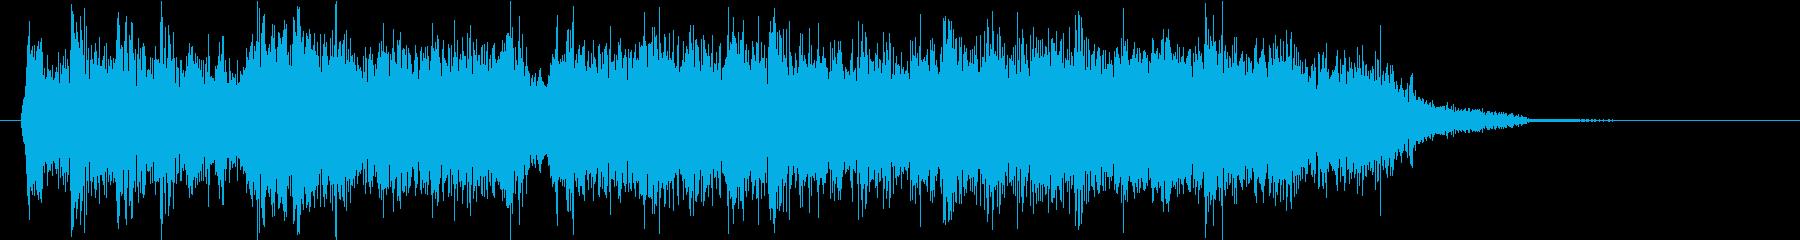 バトル、対決などに使えるジングル2の再生済みの波形